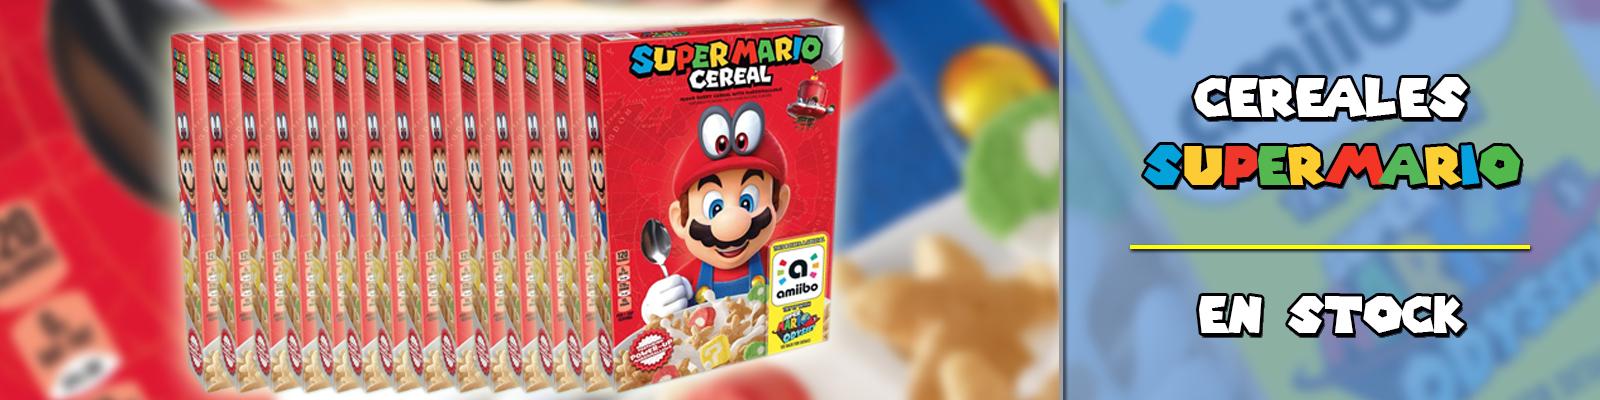 Cereales Supero Mario